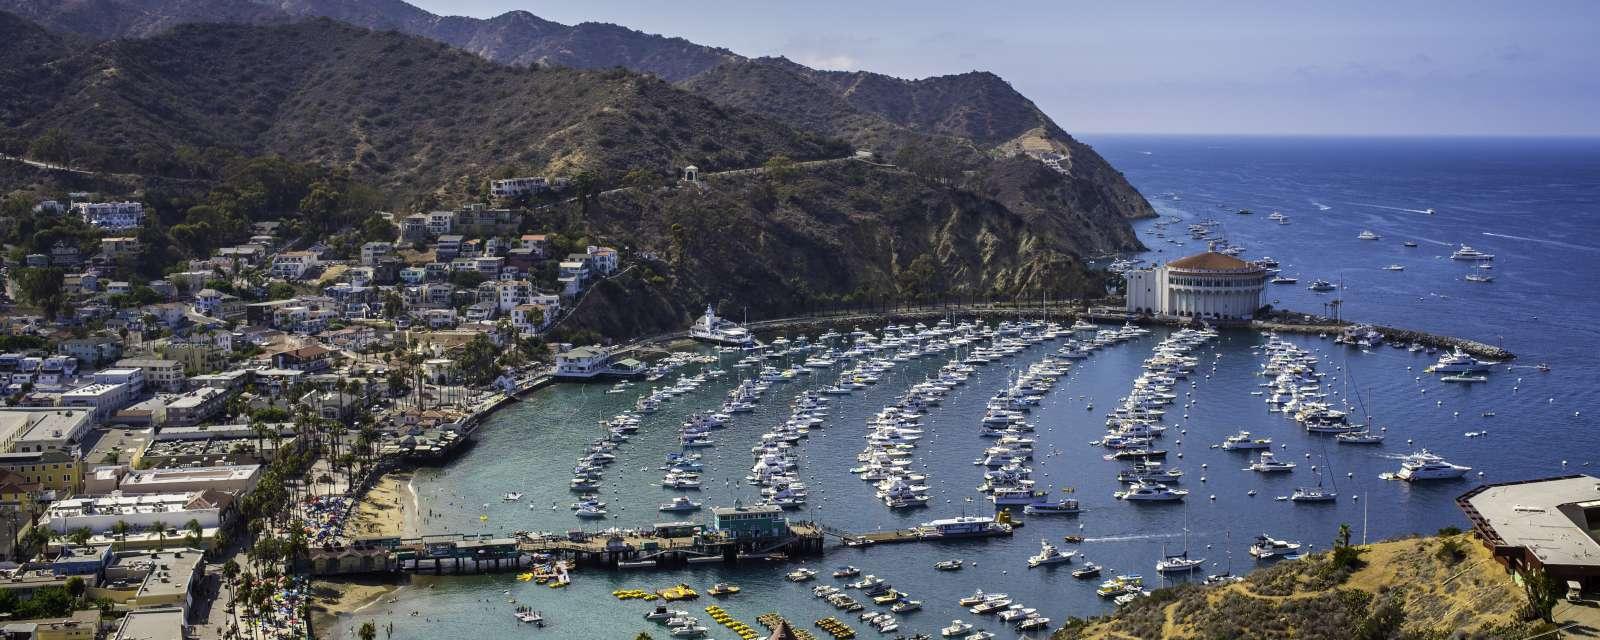 🌊The 5 Best Weekend Getaways from Los Angeles | Cheese Debit Card